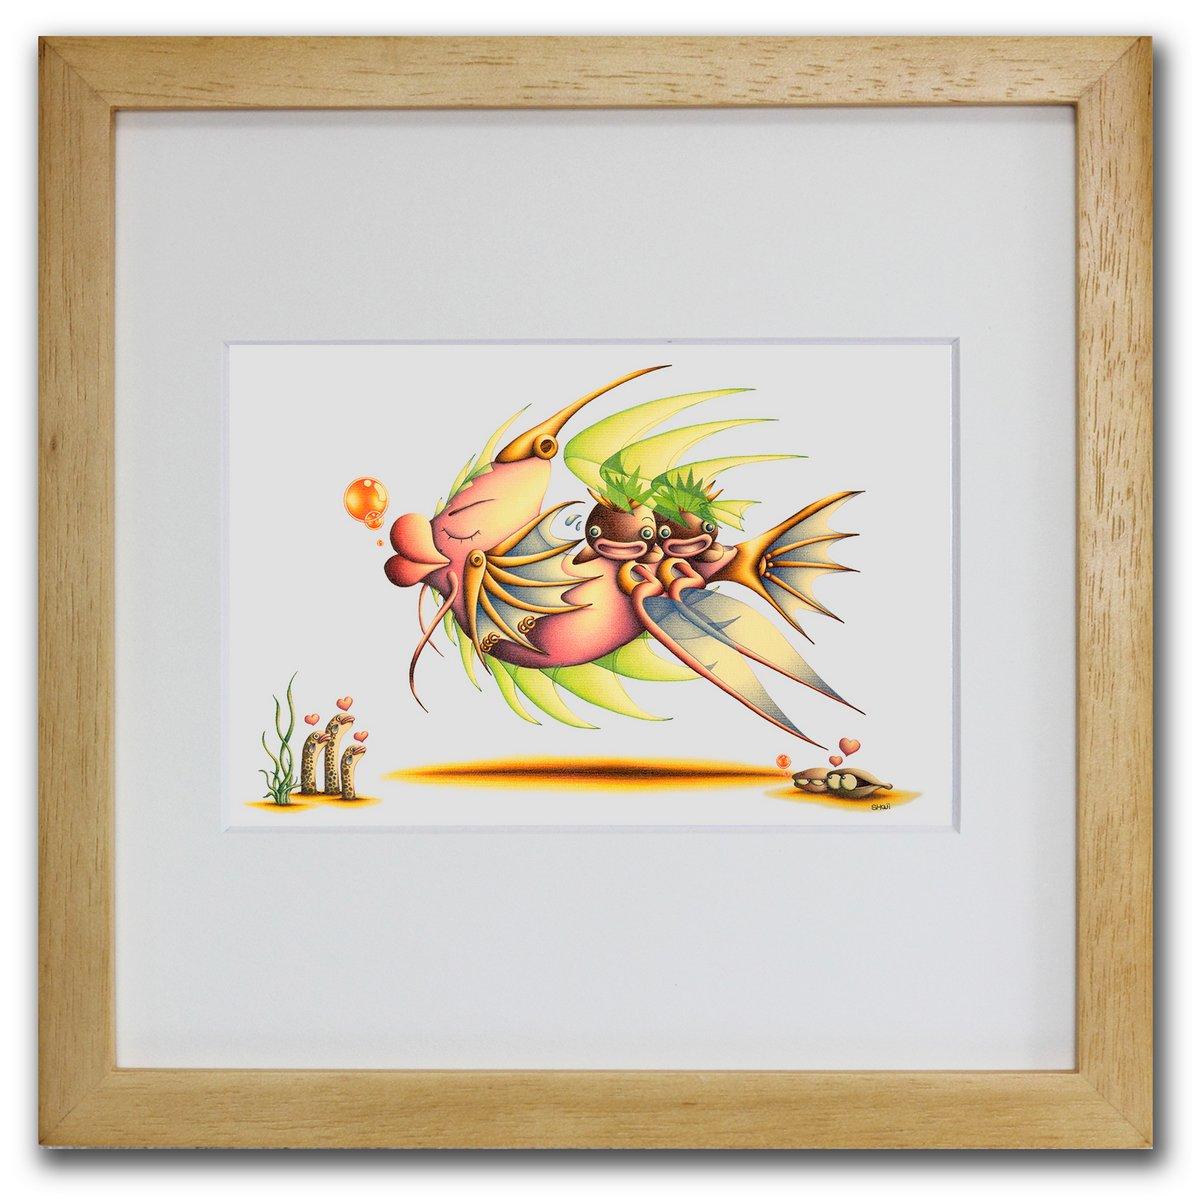 当店限定販売 壁掛けアートは リビングや玄関におすすめのインテリア 絵画といえばルノワール ゴッホのひまわりといった名画が有名 かわいい壁飾りはお部屋を癒やしてくれそう プレゼントにも 色鉛筆画 版画 ゆうパケット お洒落魚 SHOji インテリア 壁掛け 額入り 額装込 巣ごもり 玄関 油絵 おしゃれ 現品 リビング アートパネル モダン アートフレーム Sサイズ ポスター 風景画 飾る アート プレゼント